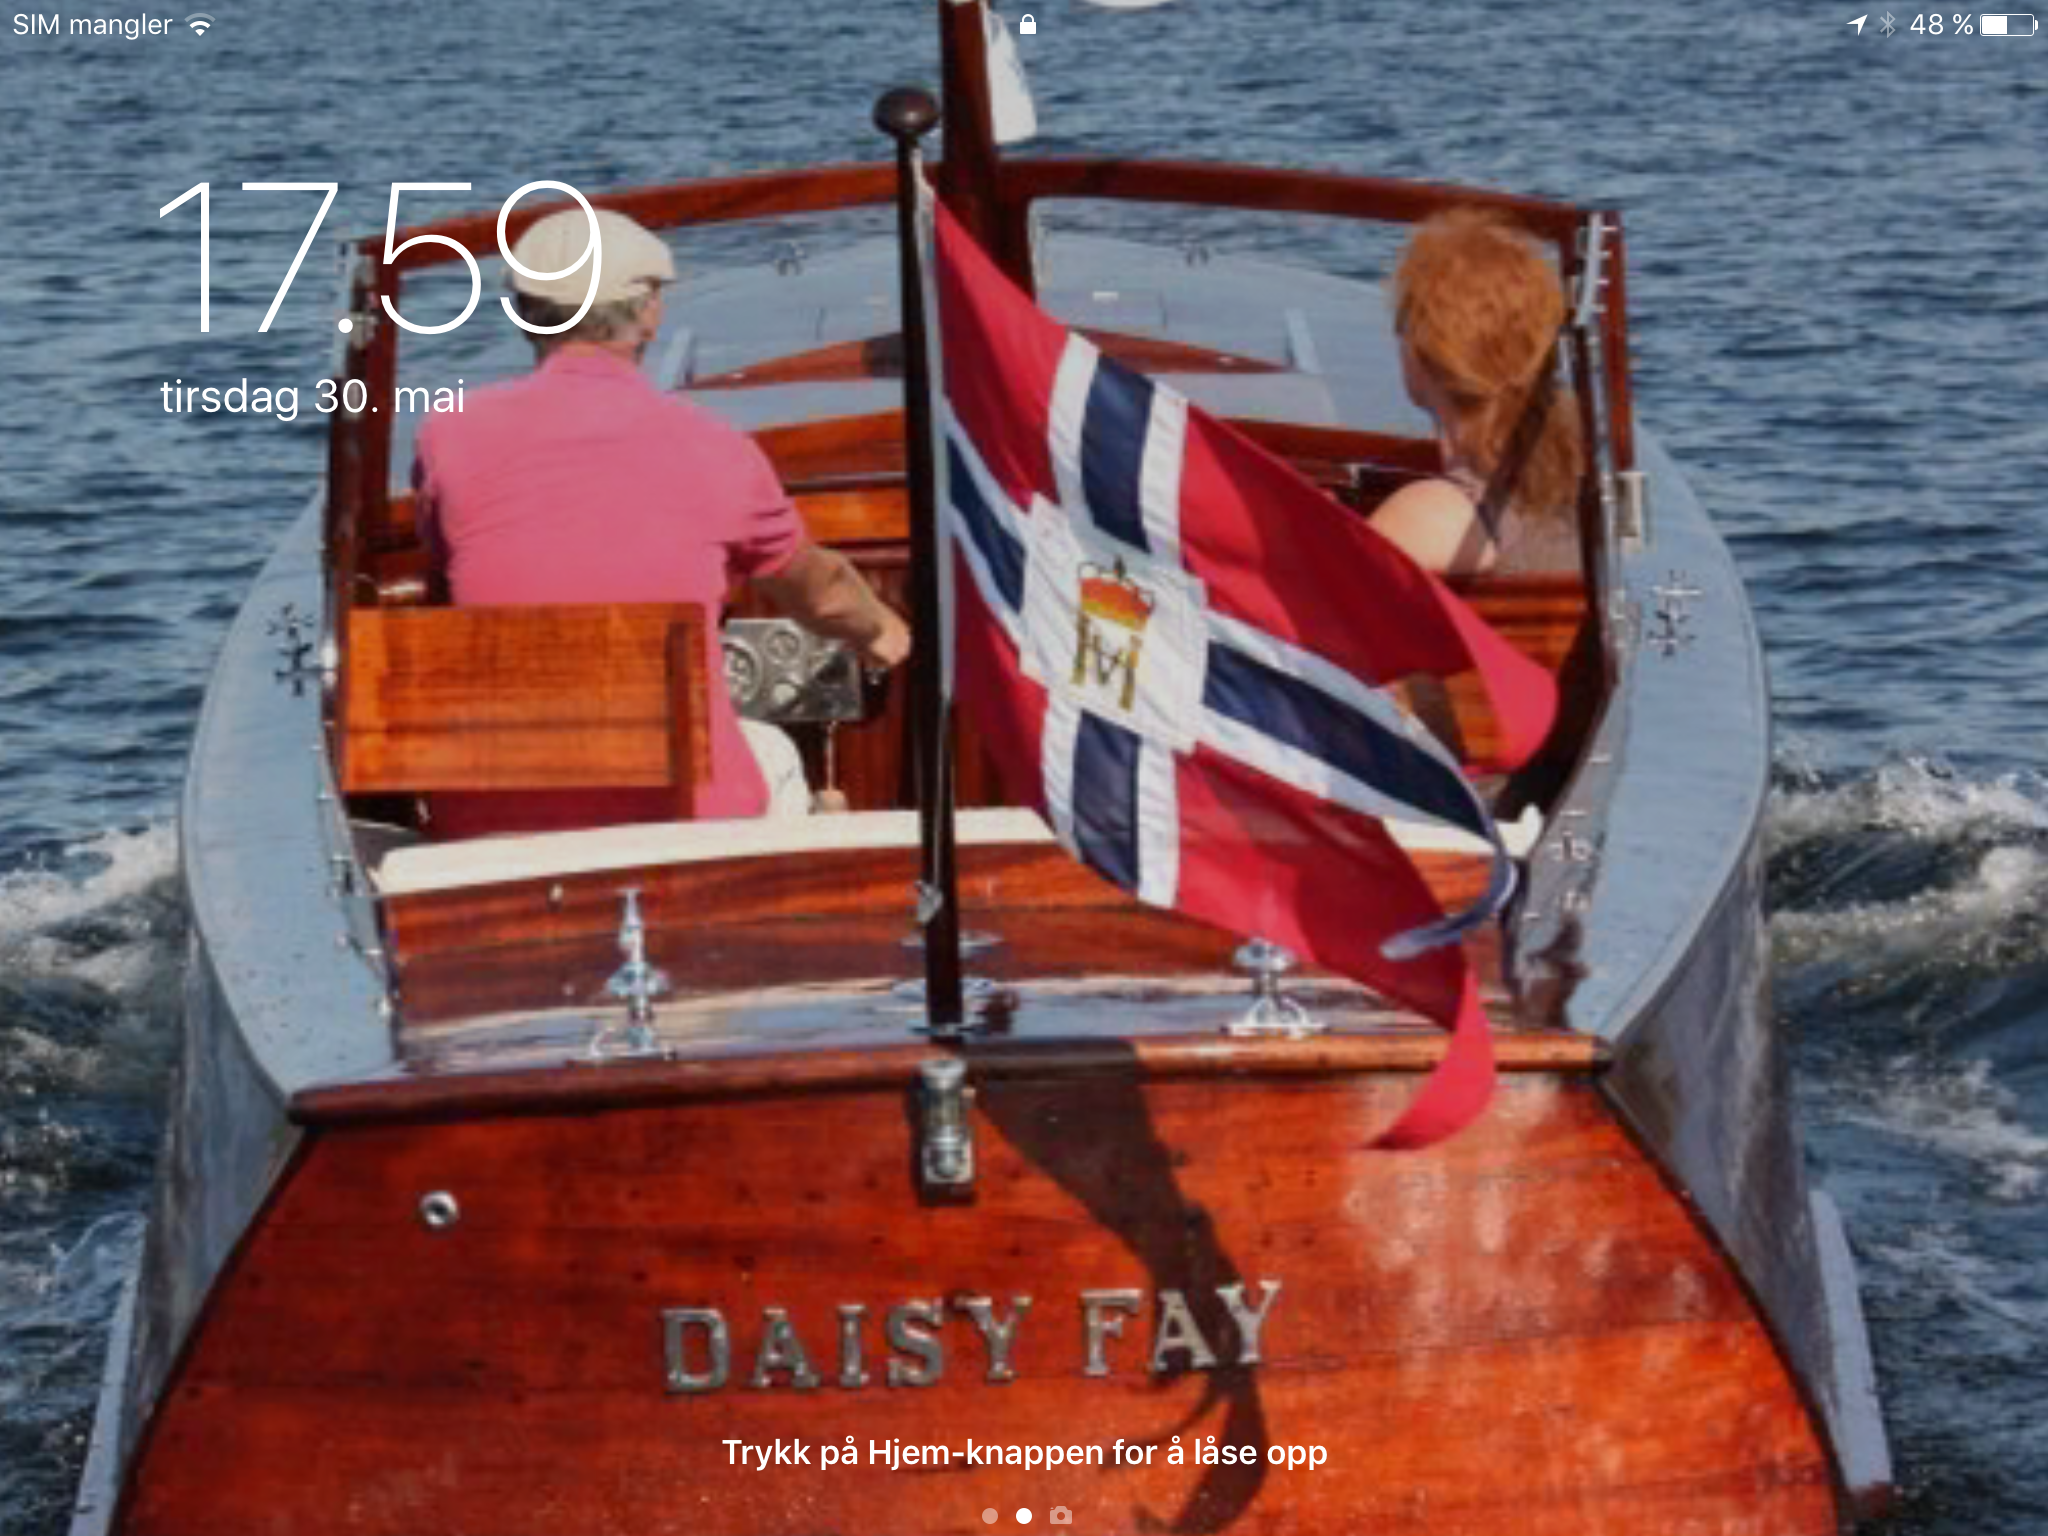 Daisy Fay